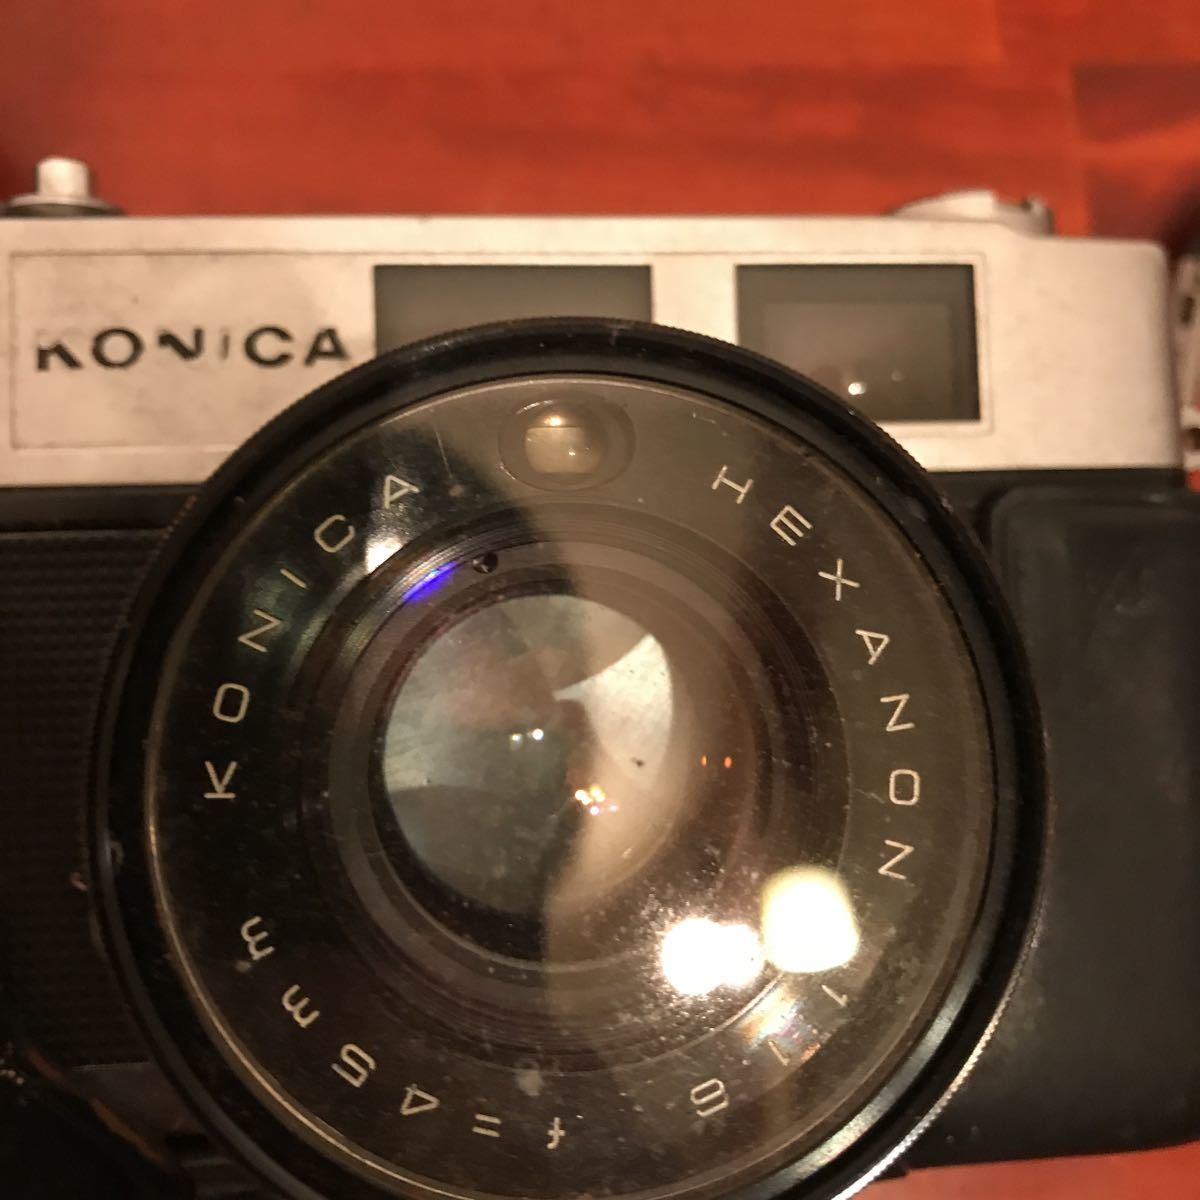 ★☆カメラ★☆KONICA コニカ AUTO S1.6 レンズ HEXANON 1:1.6 f=45mm_画像7